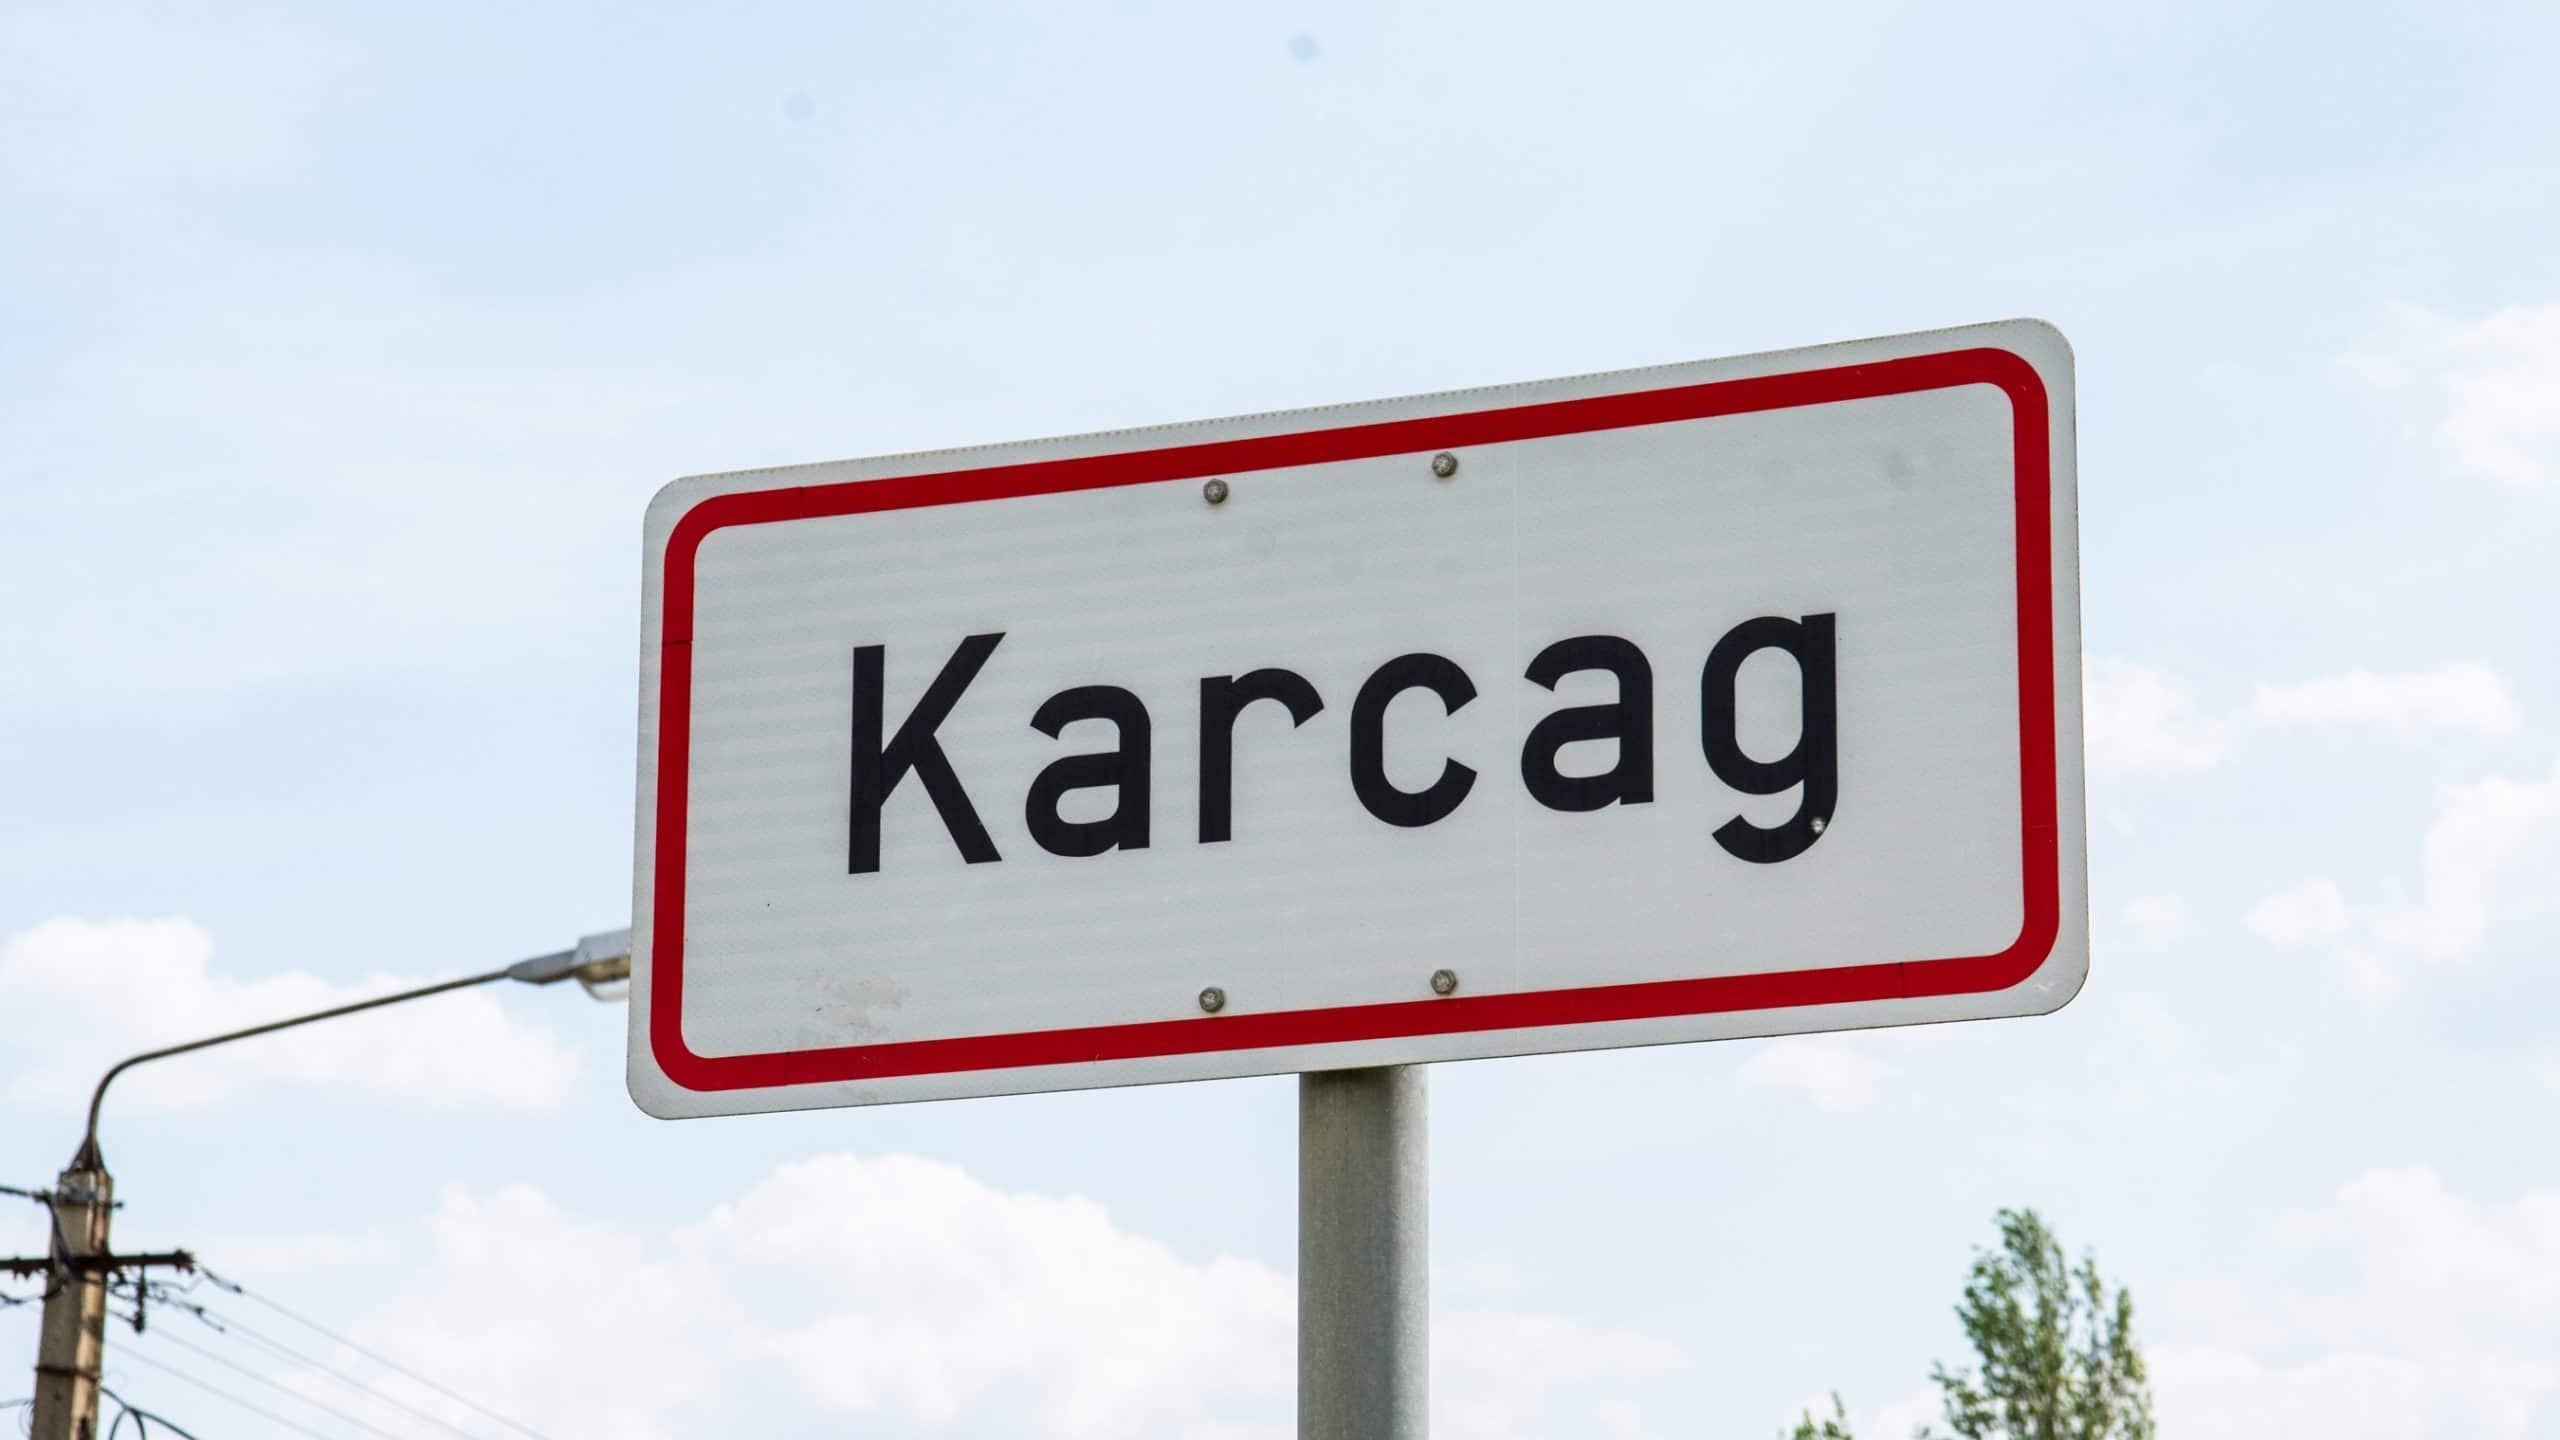 Karcag